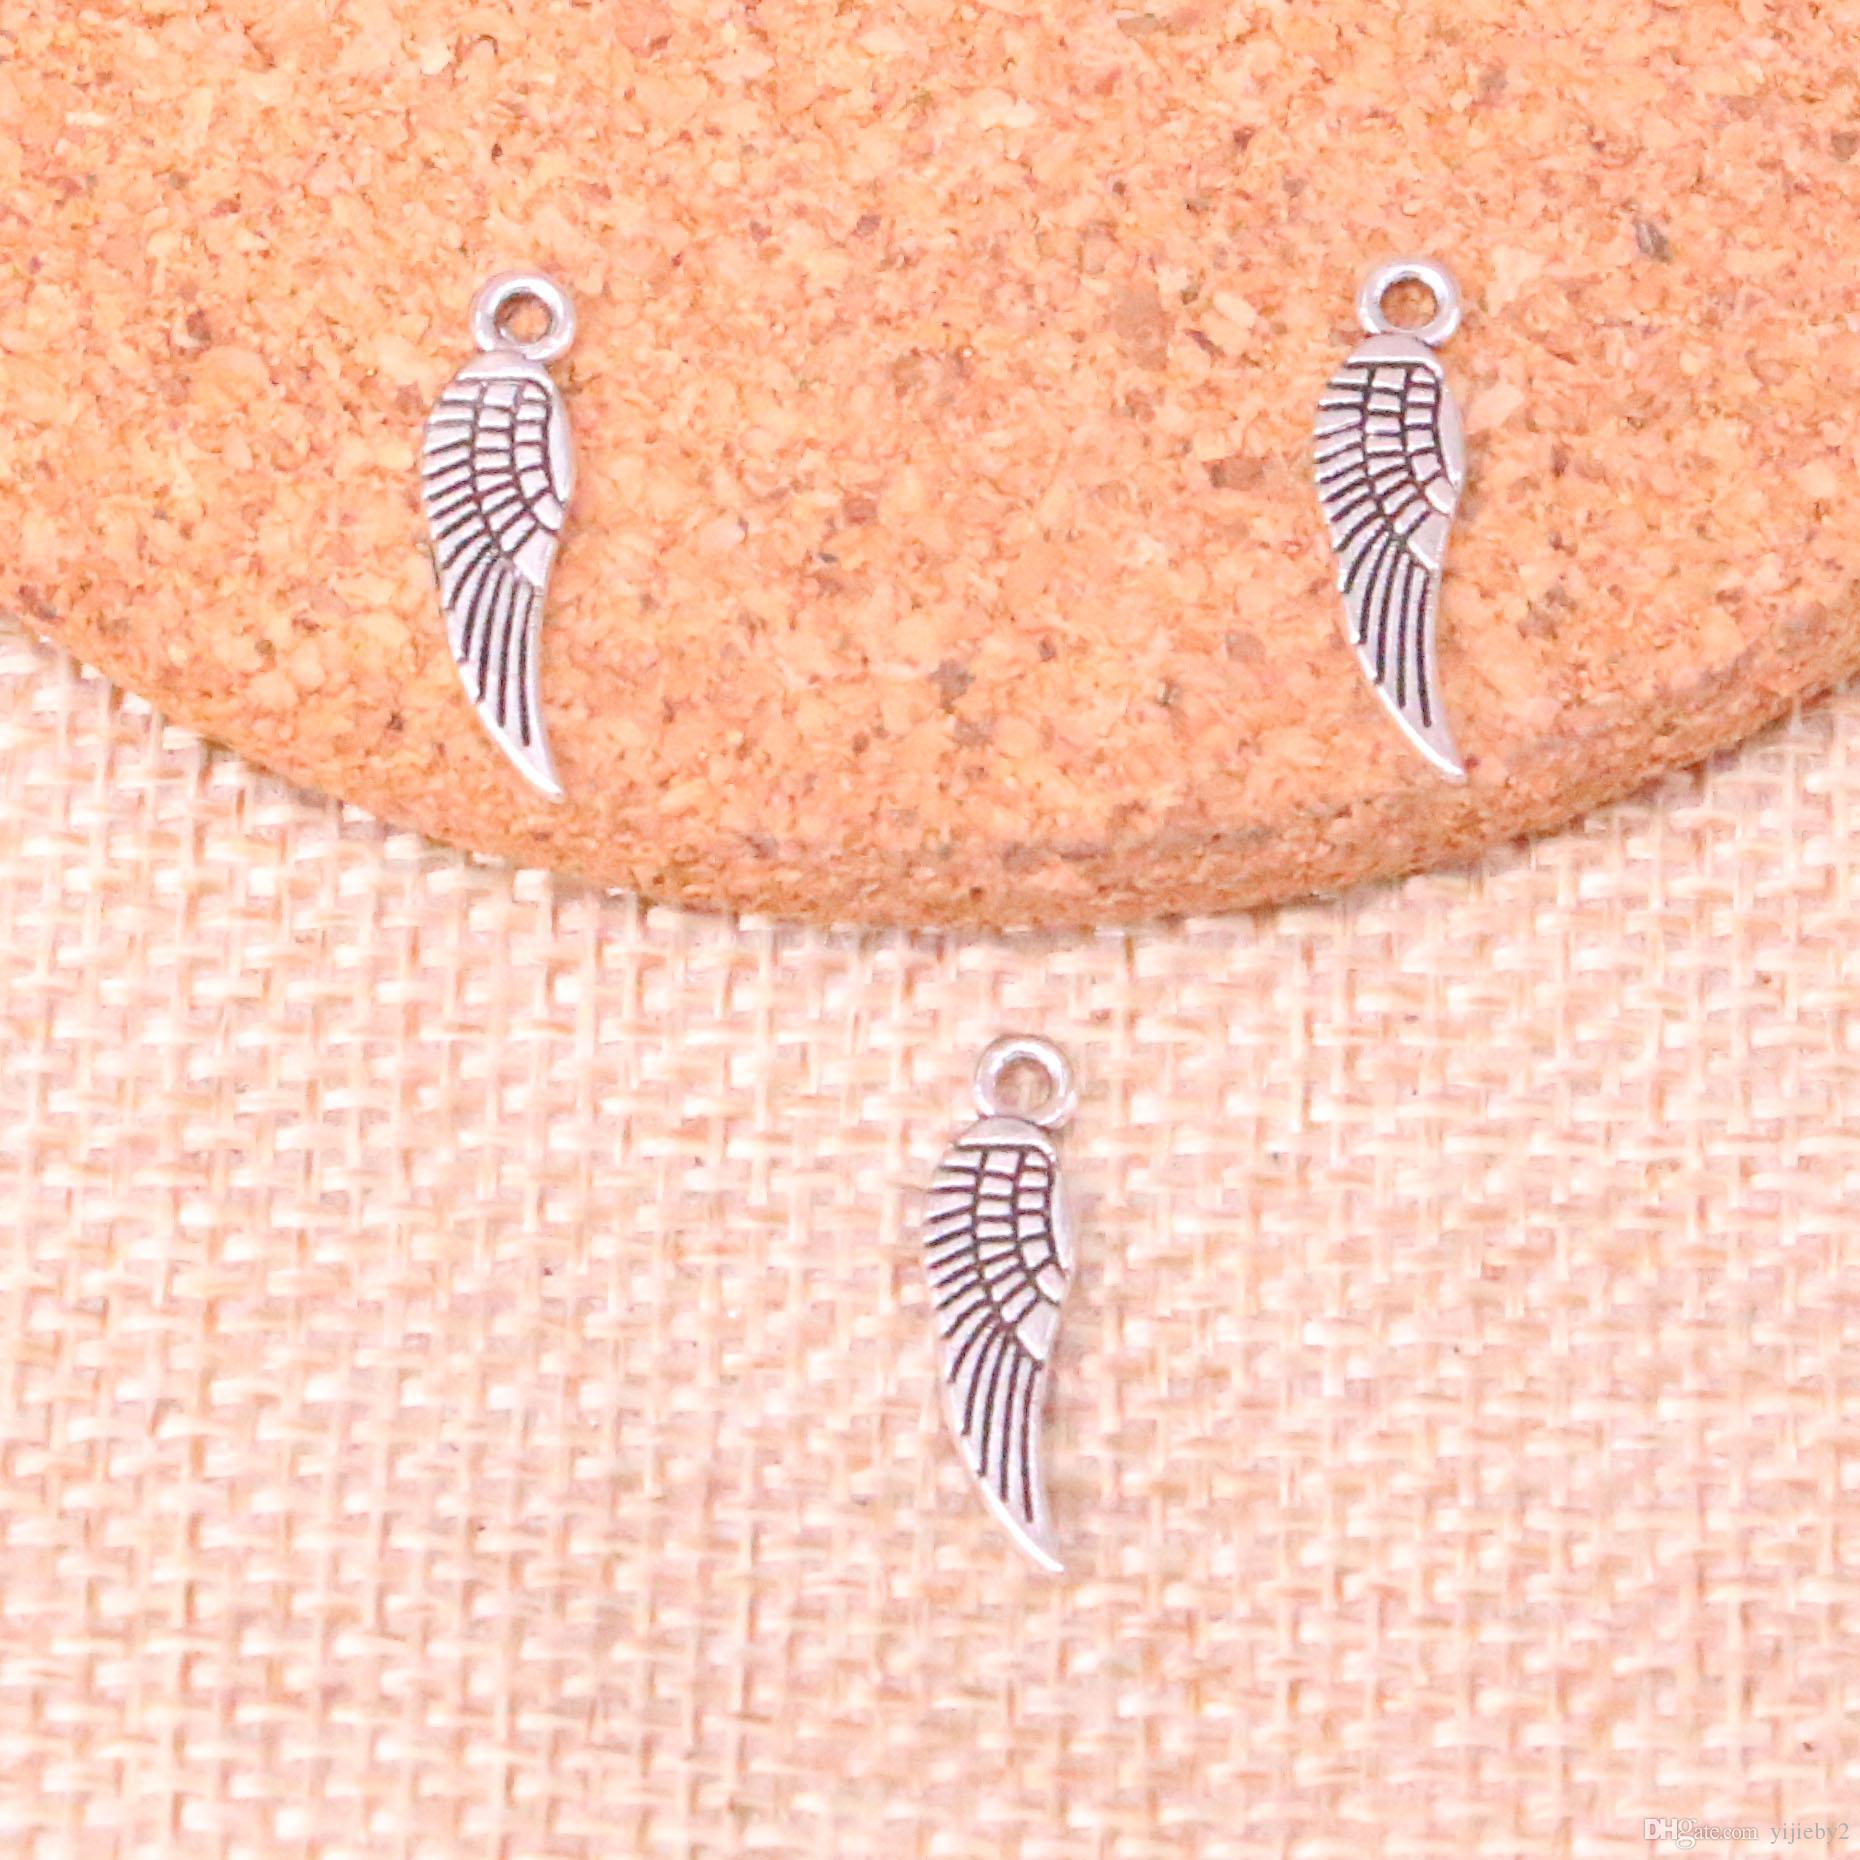 560pcs antique ailes d'ange de ruban de charme pendentif bricolage collier bracelet bracelet conclusions 19mm